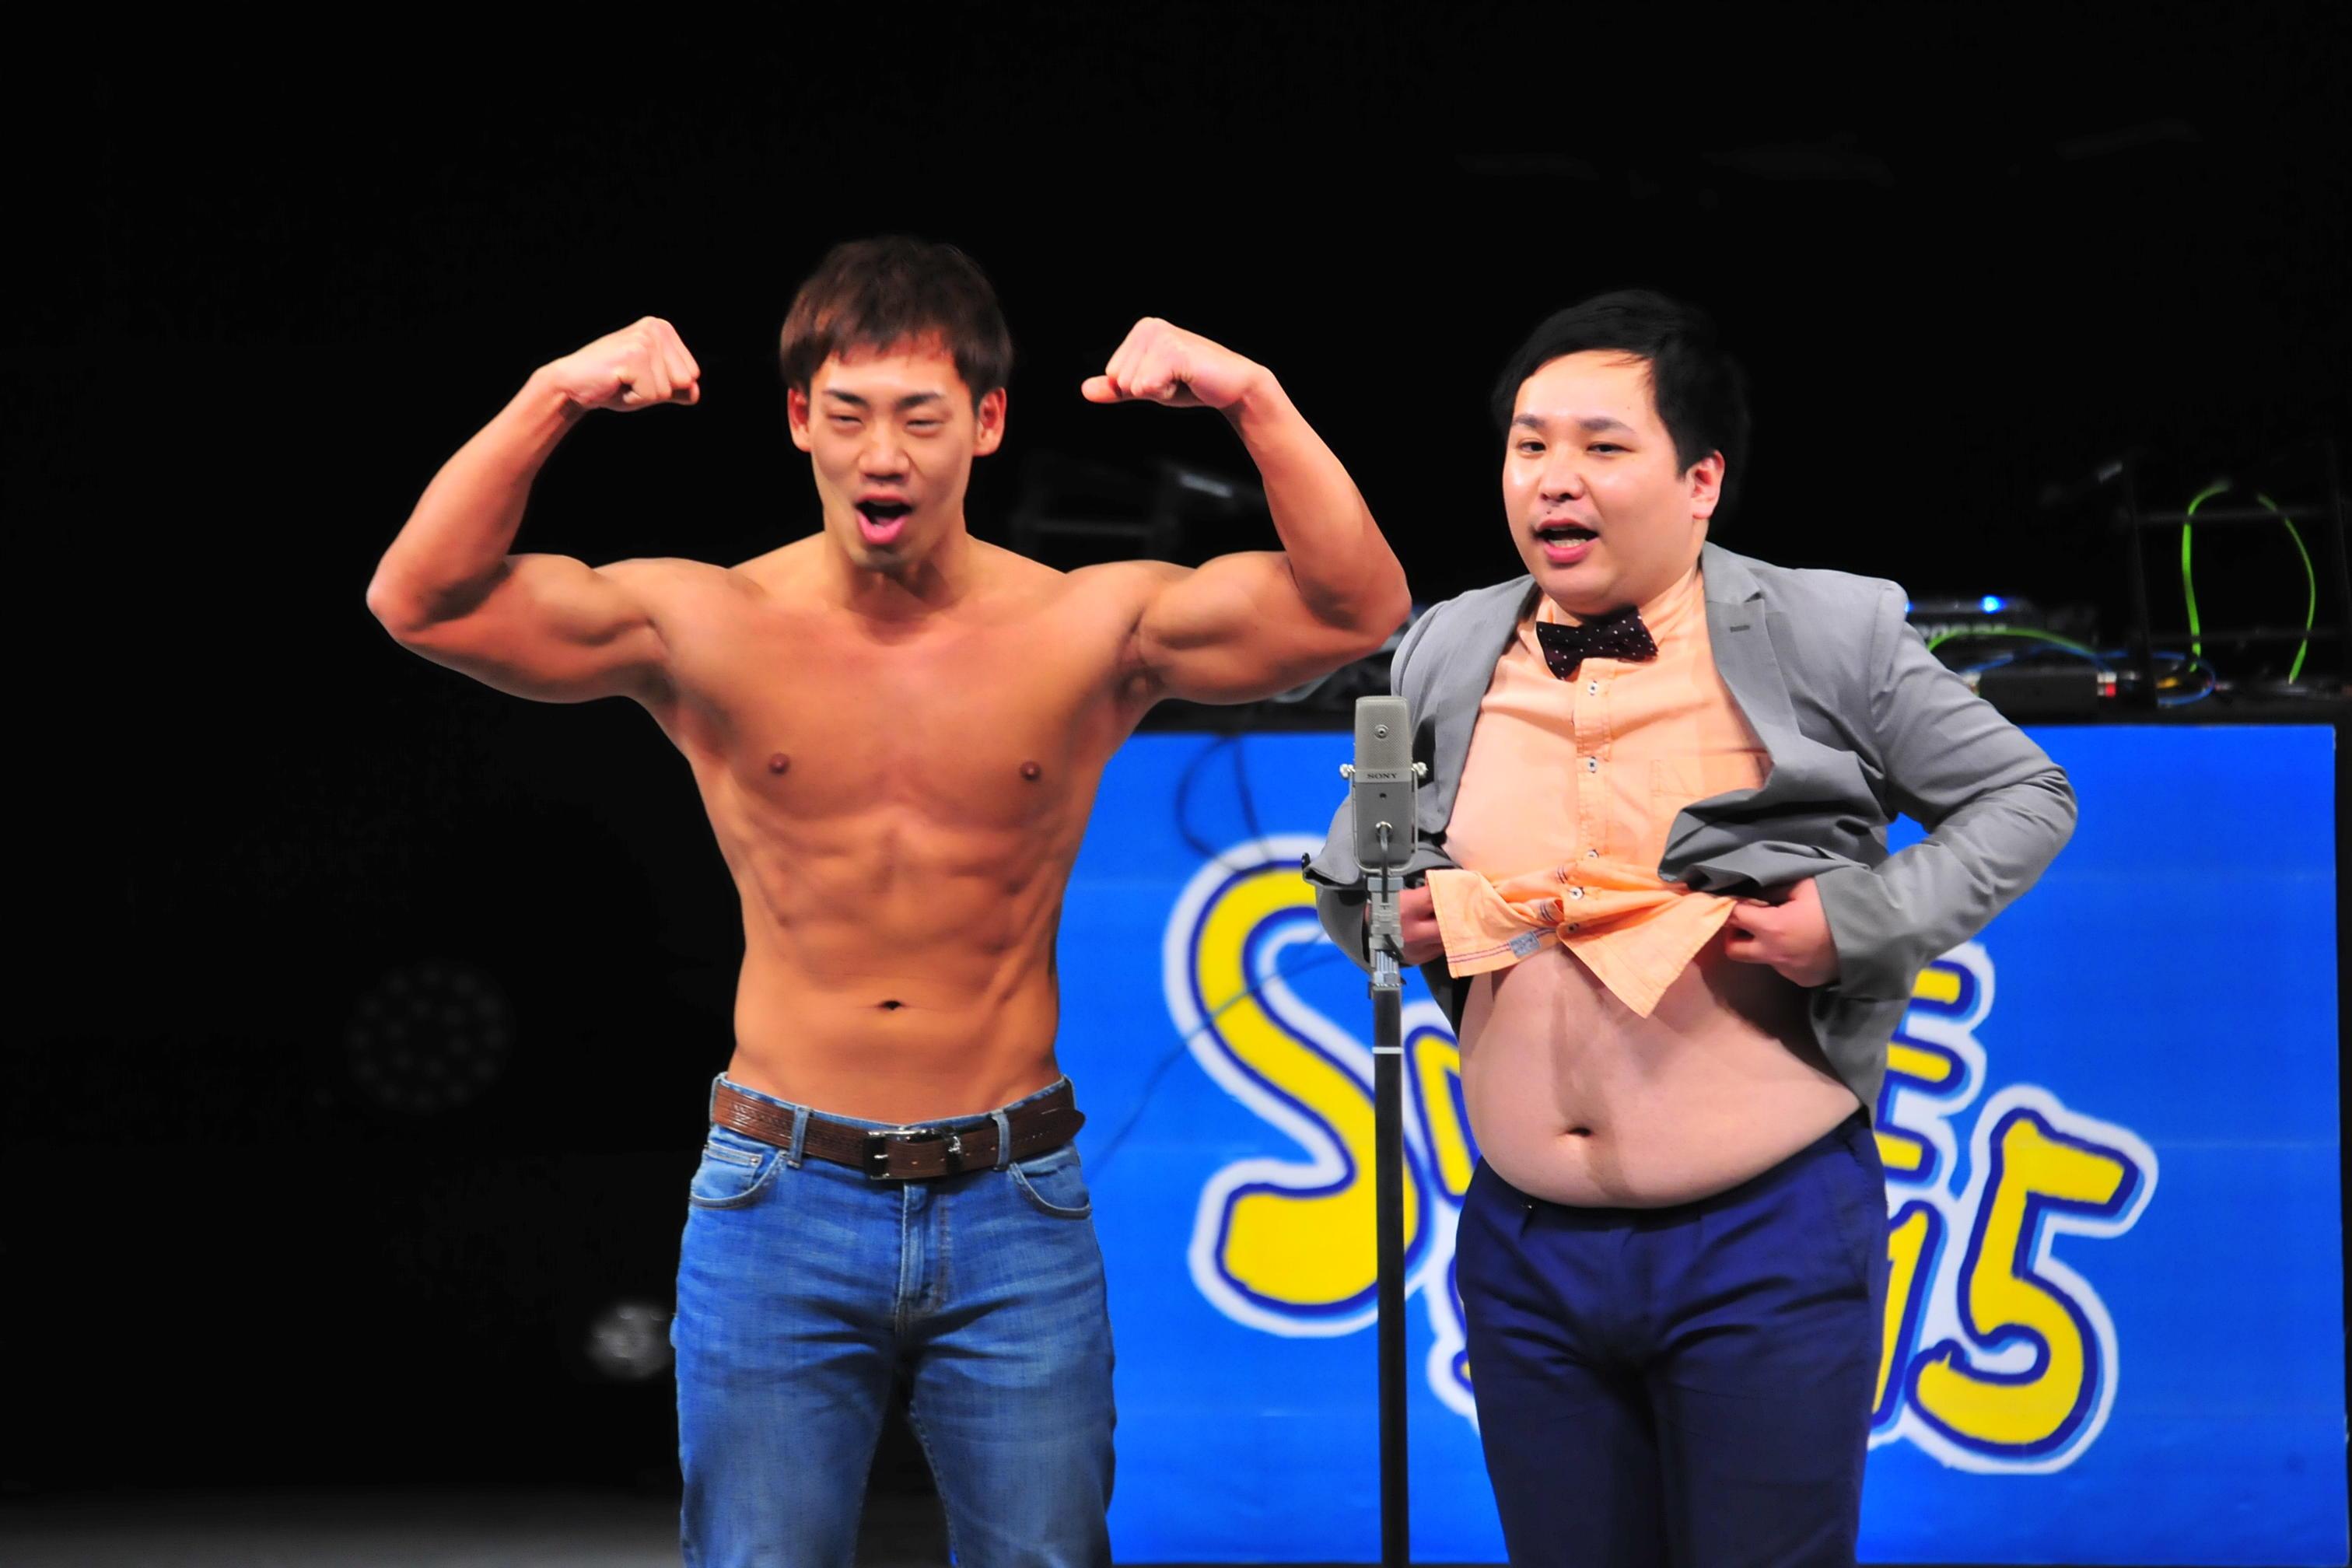 http://news.yoshimoto.co.jp/20151231142731-8ace784d2d030da1873f0592c199b3b1913cb754.jpg